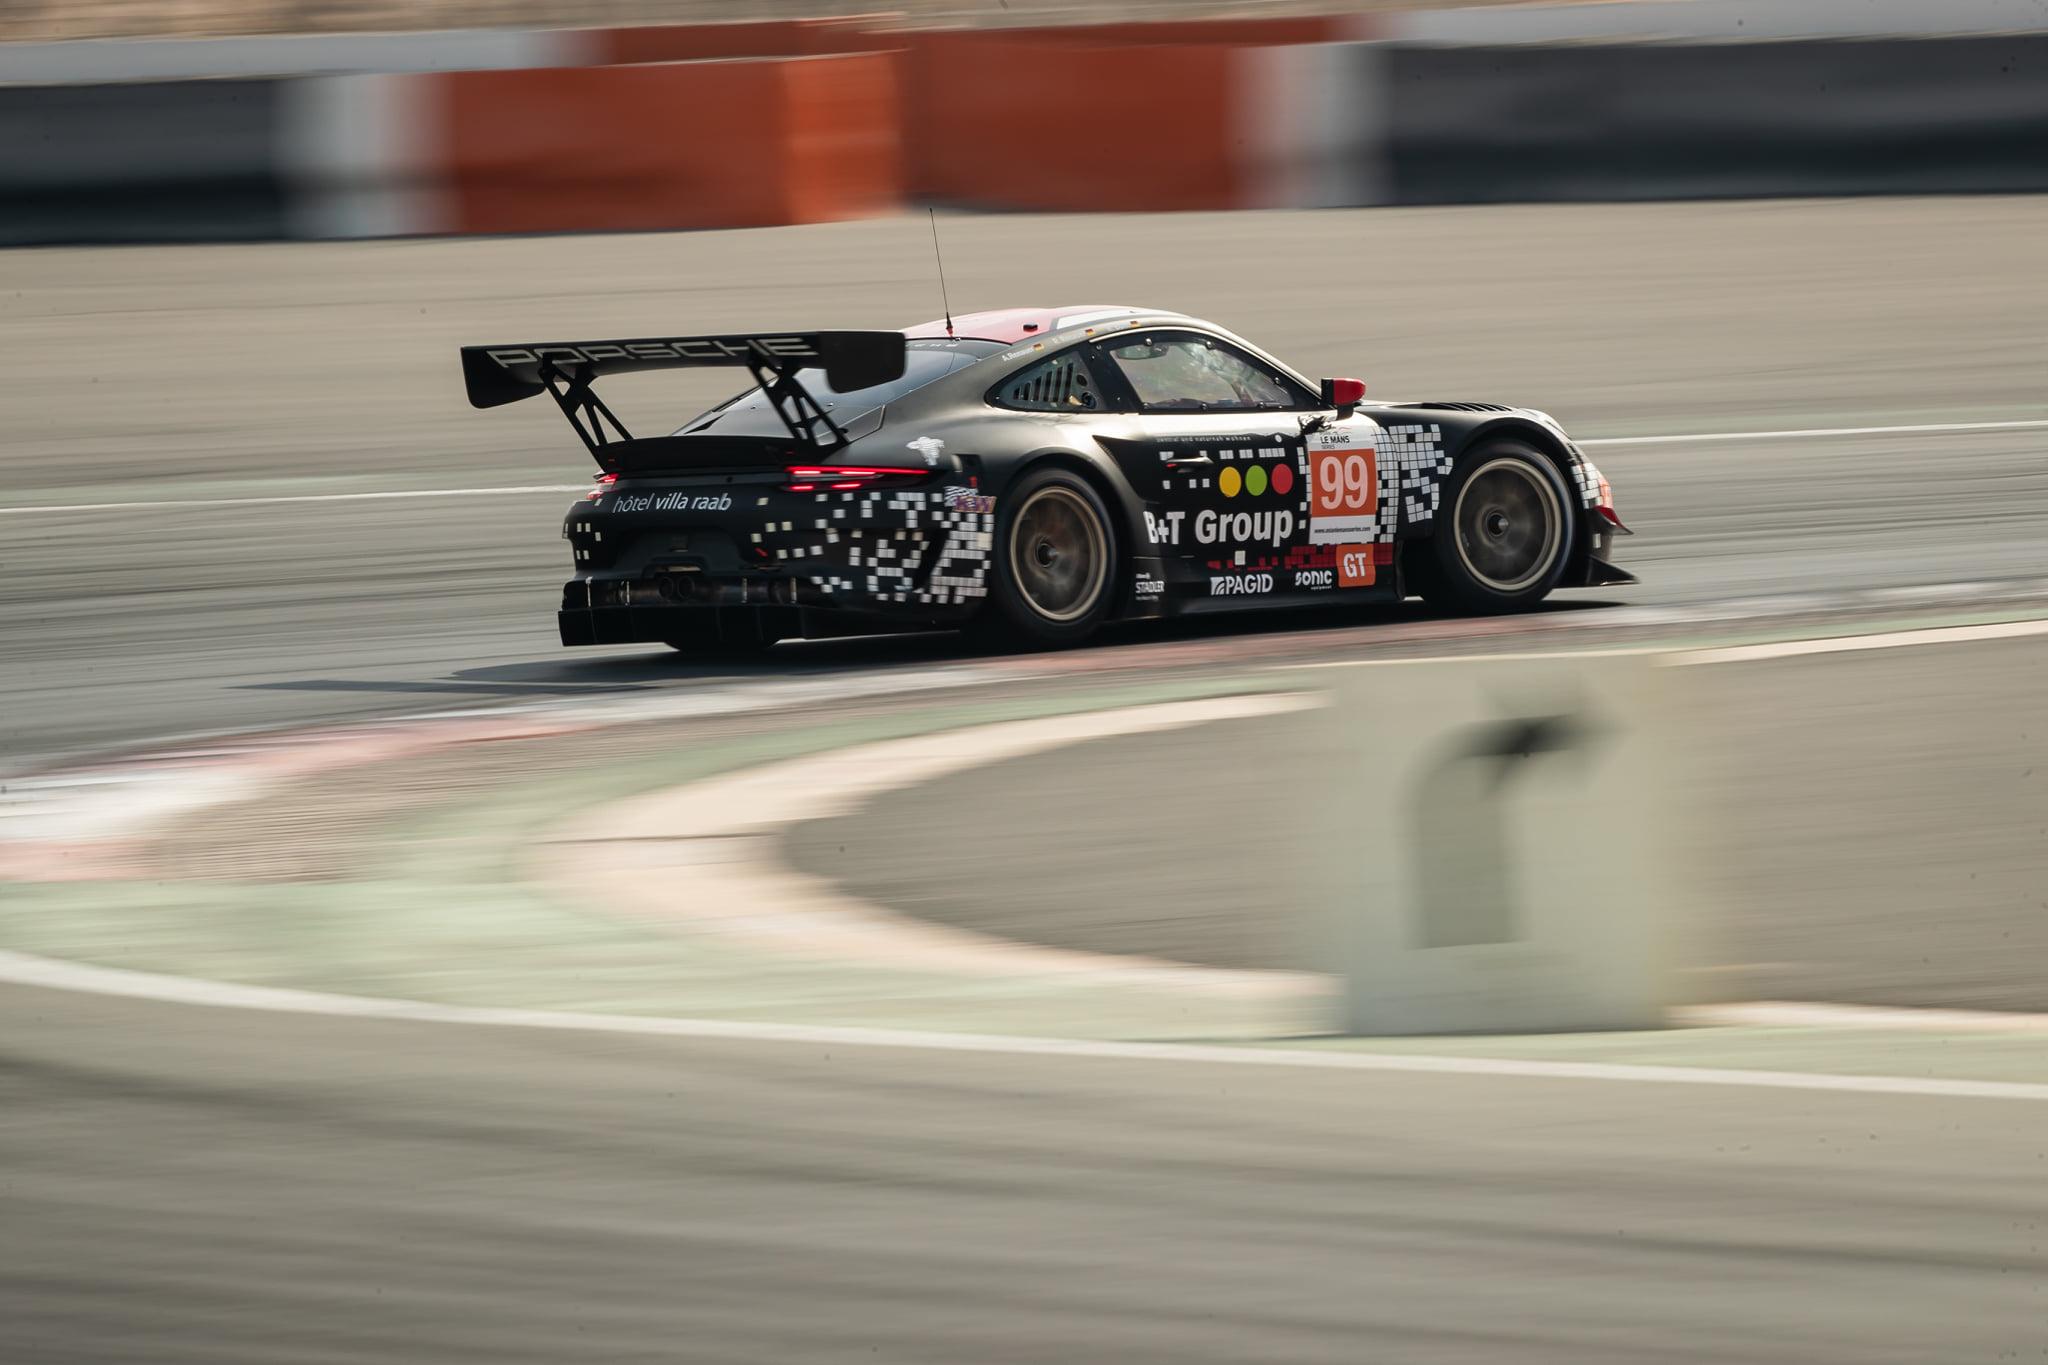 La Porsche 911 GT3 R #99 de Precote Herbeth Motorsport en pole position de la catégorie GT.